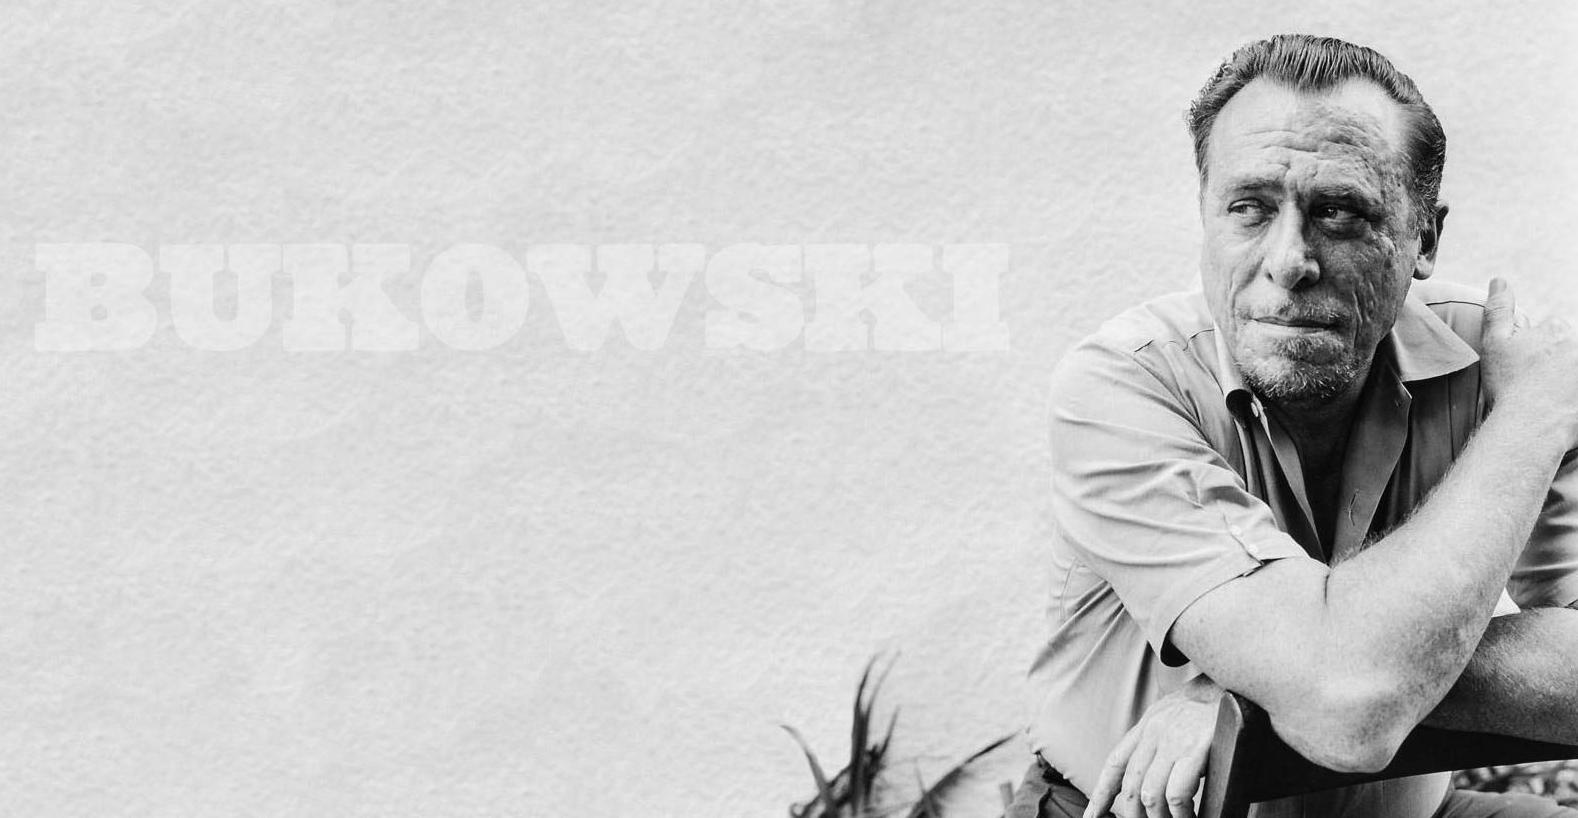 Charles Bukowski,